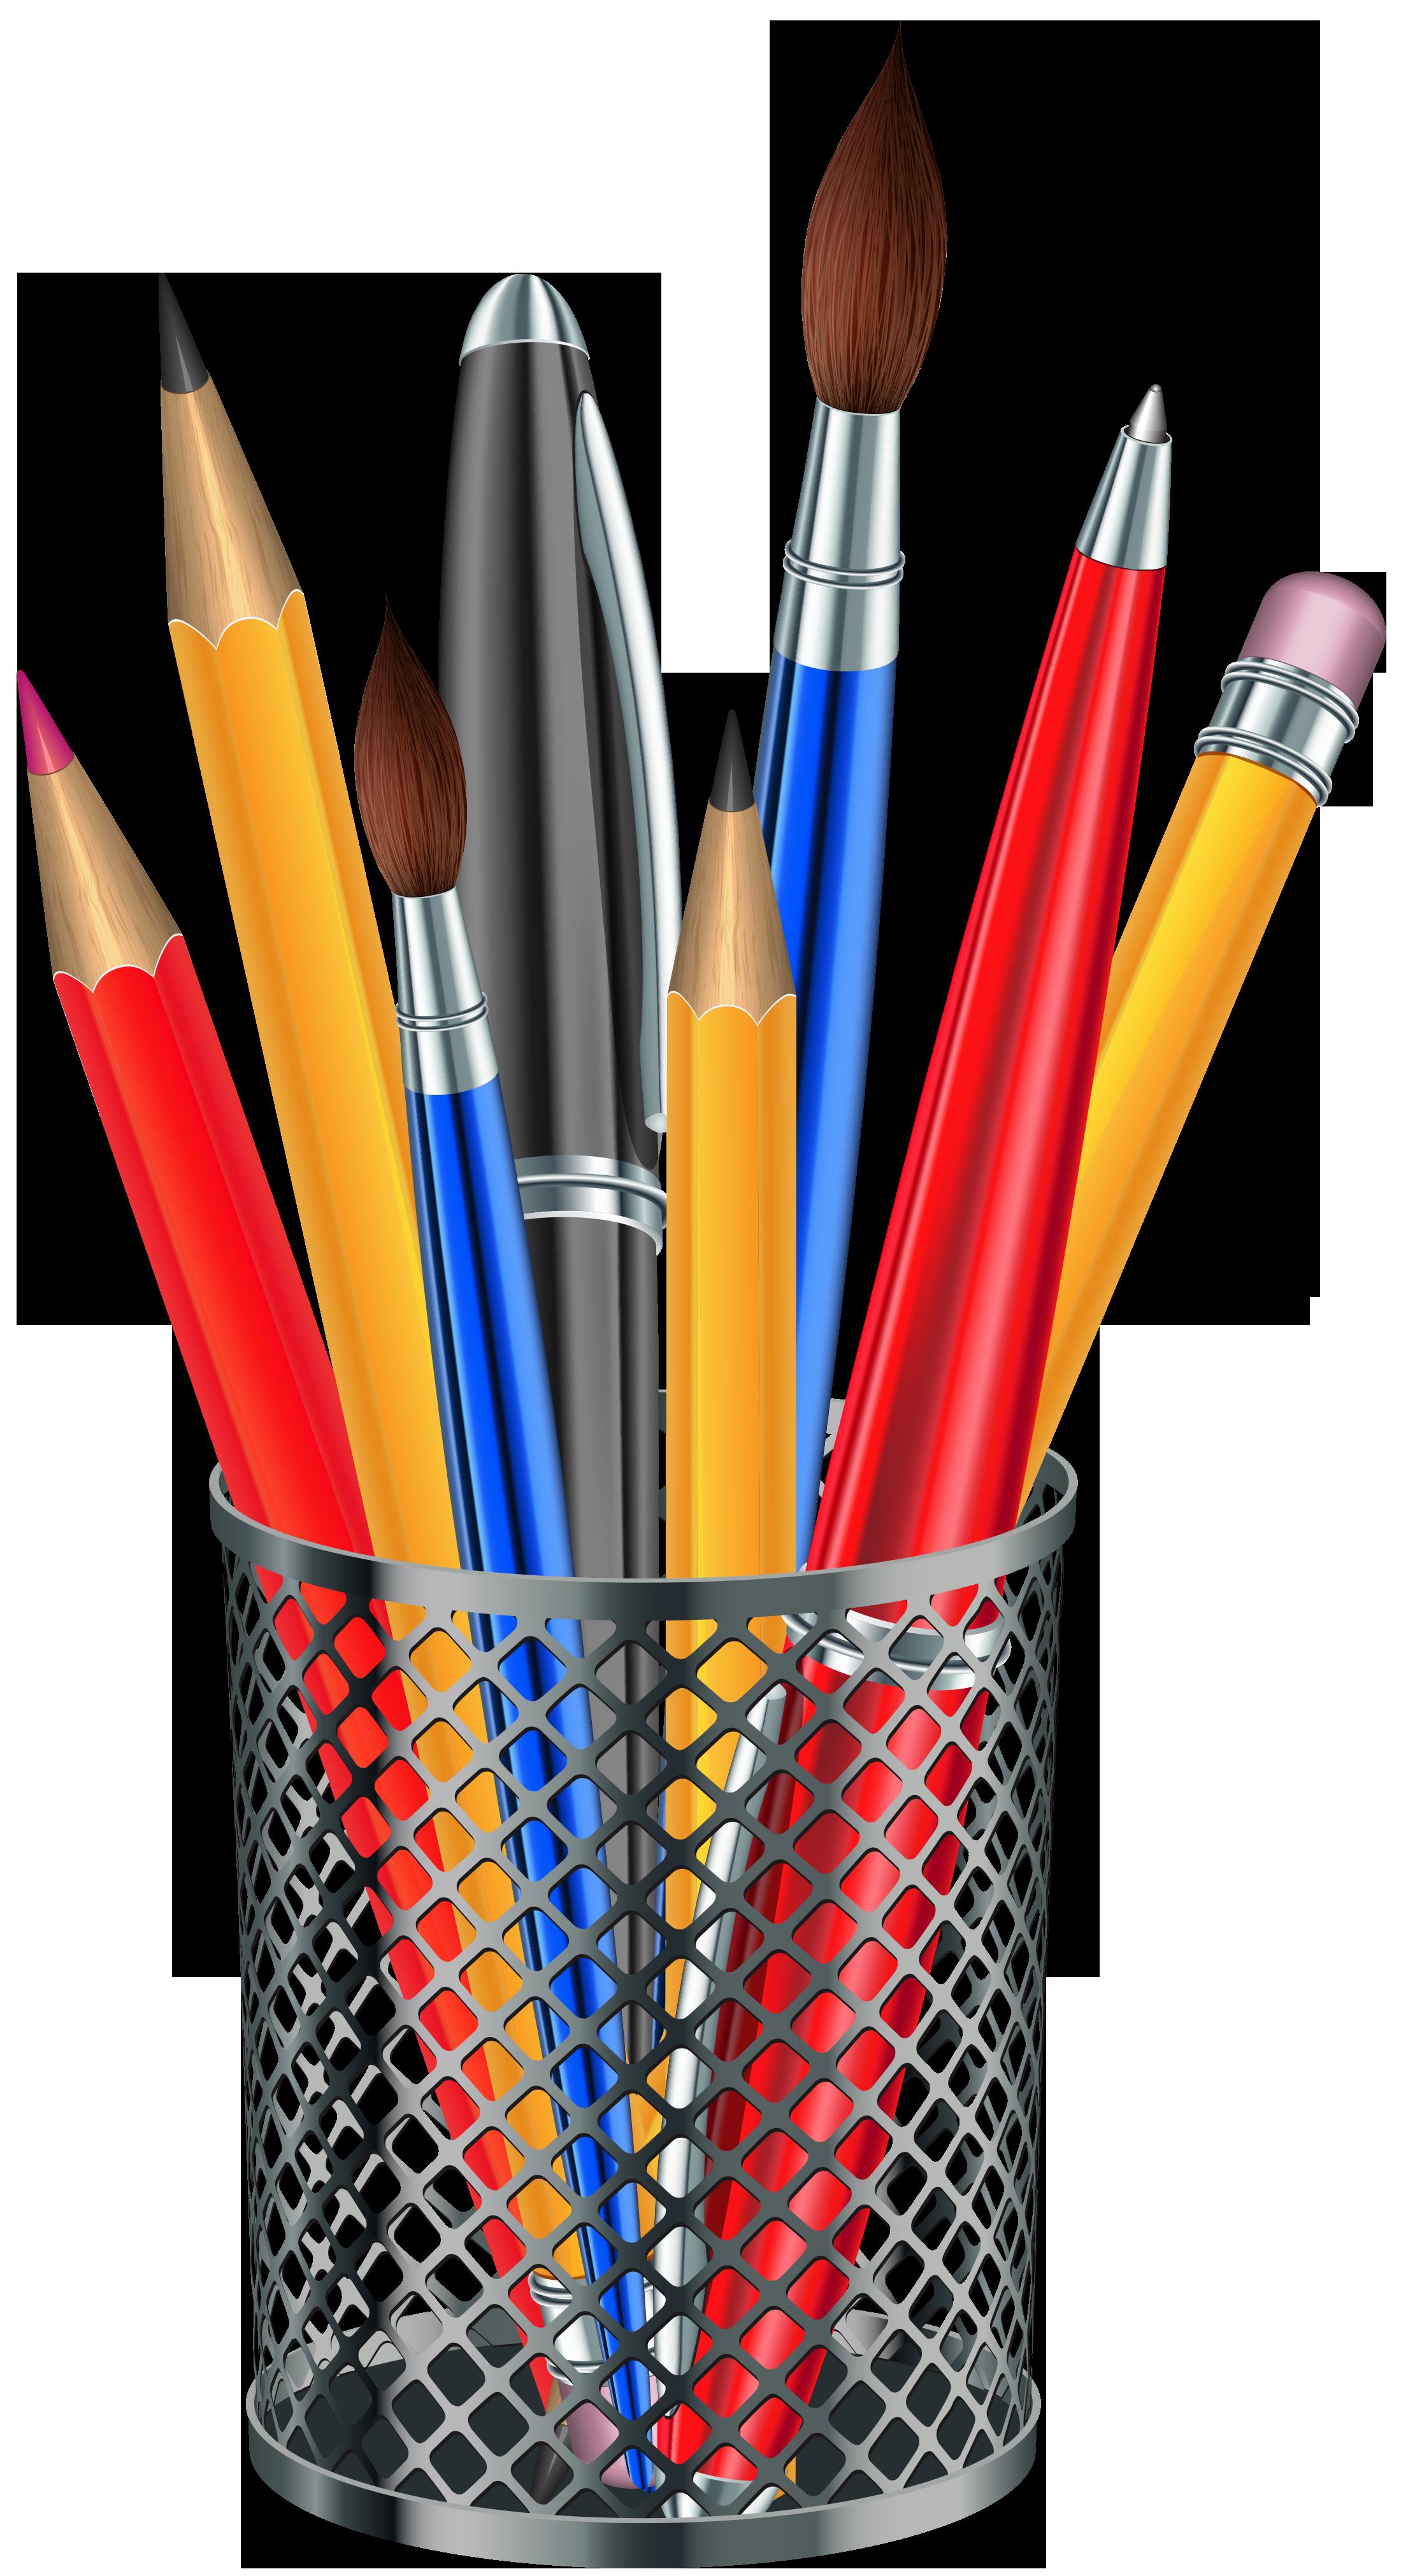 Notebook clipart ballpen. Pencil brush clip art